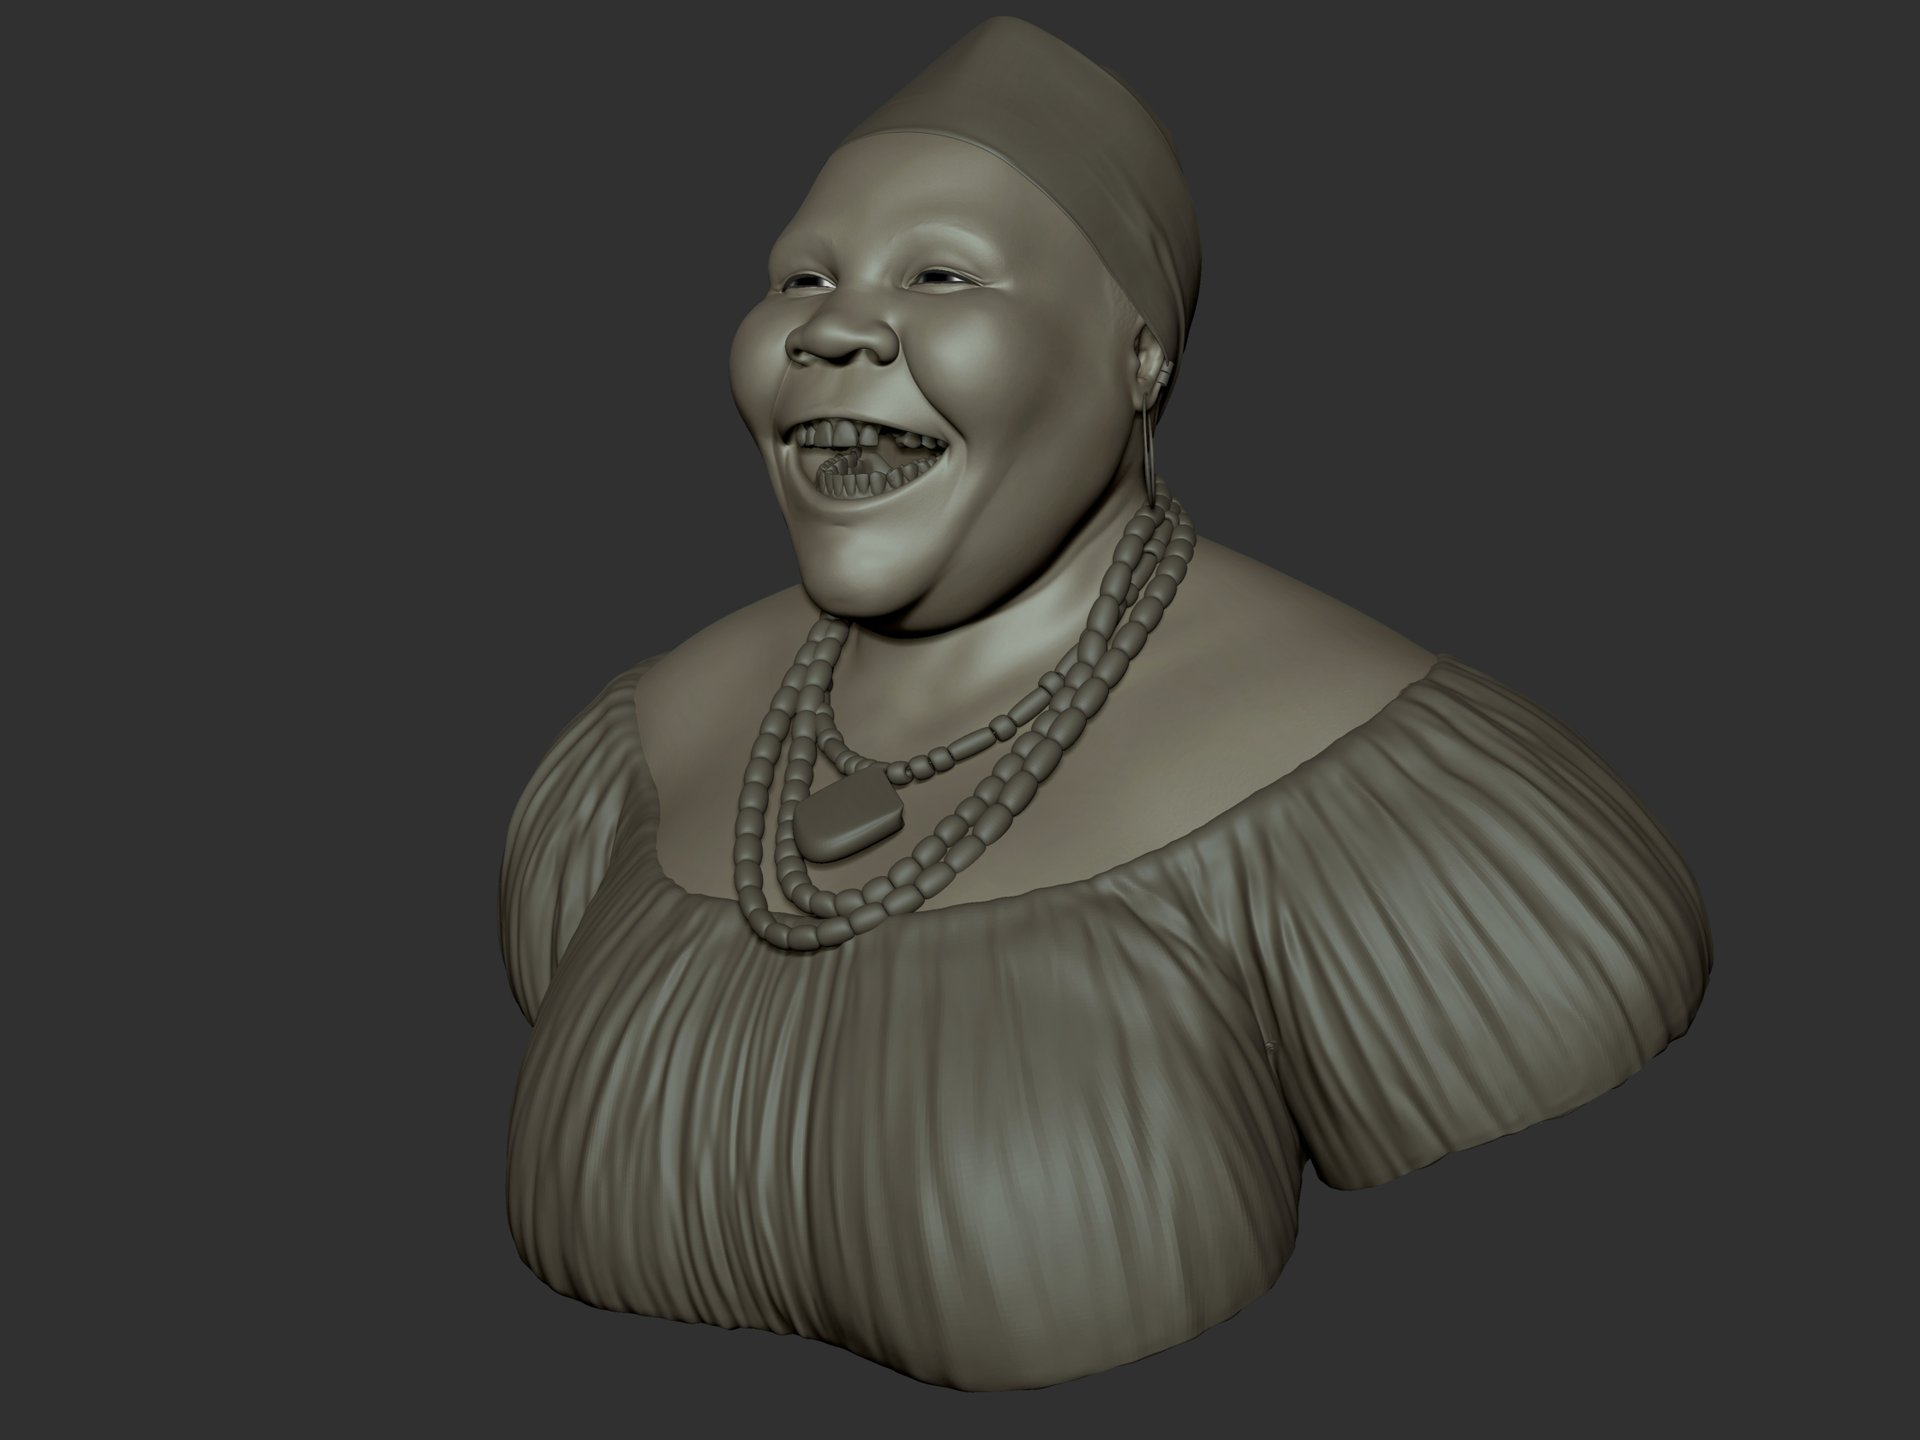 Ganesh poojari african lady 002